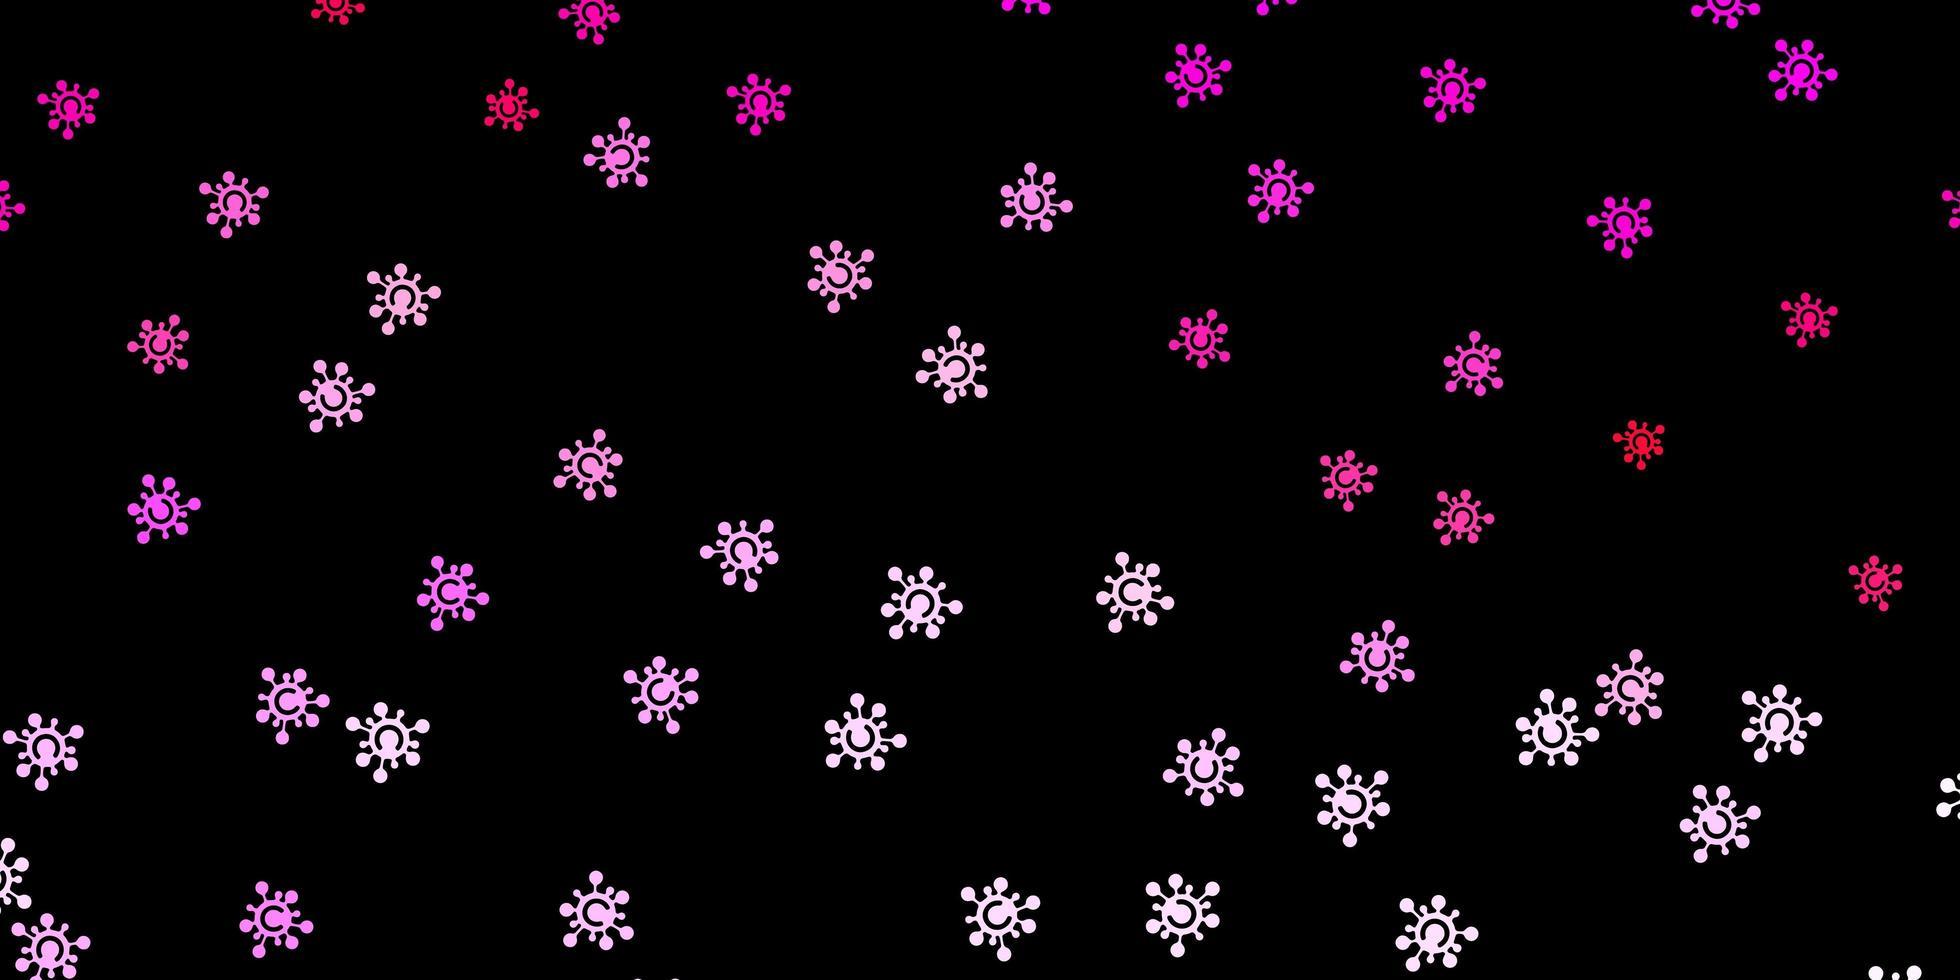 sfondo vettoriale rosa scuro con simboli covid-19